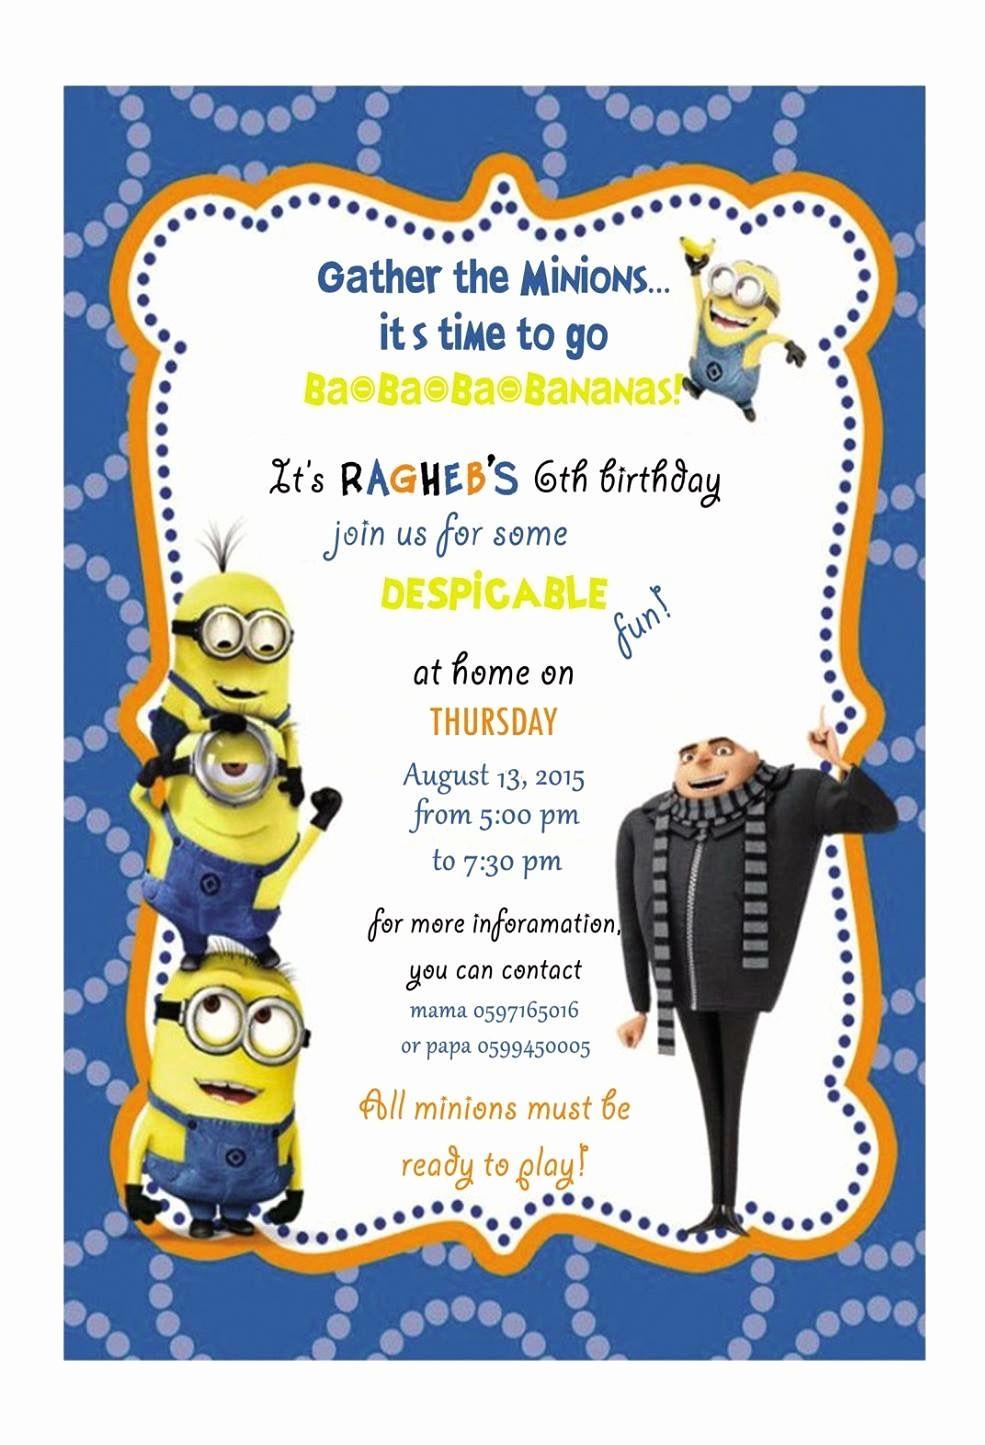 Minion Birthday Invitation Wording Unique Despicable Me Birthday Party Invitation Card